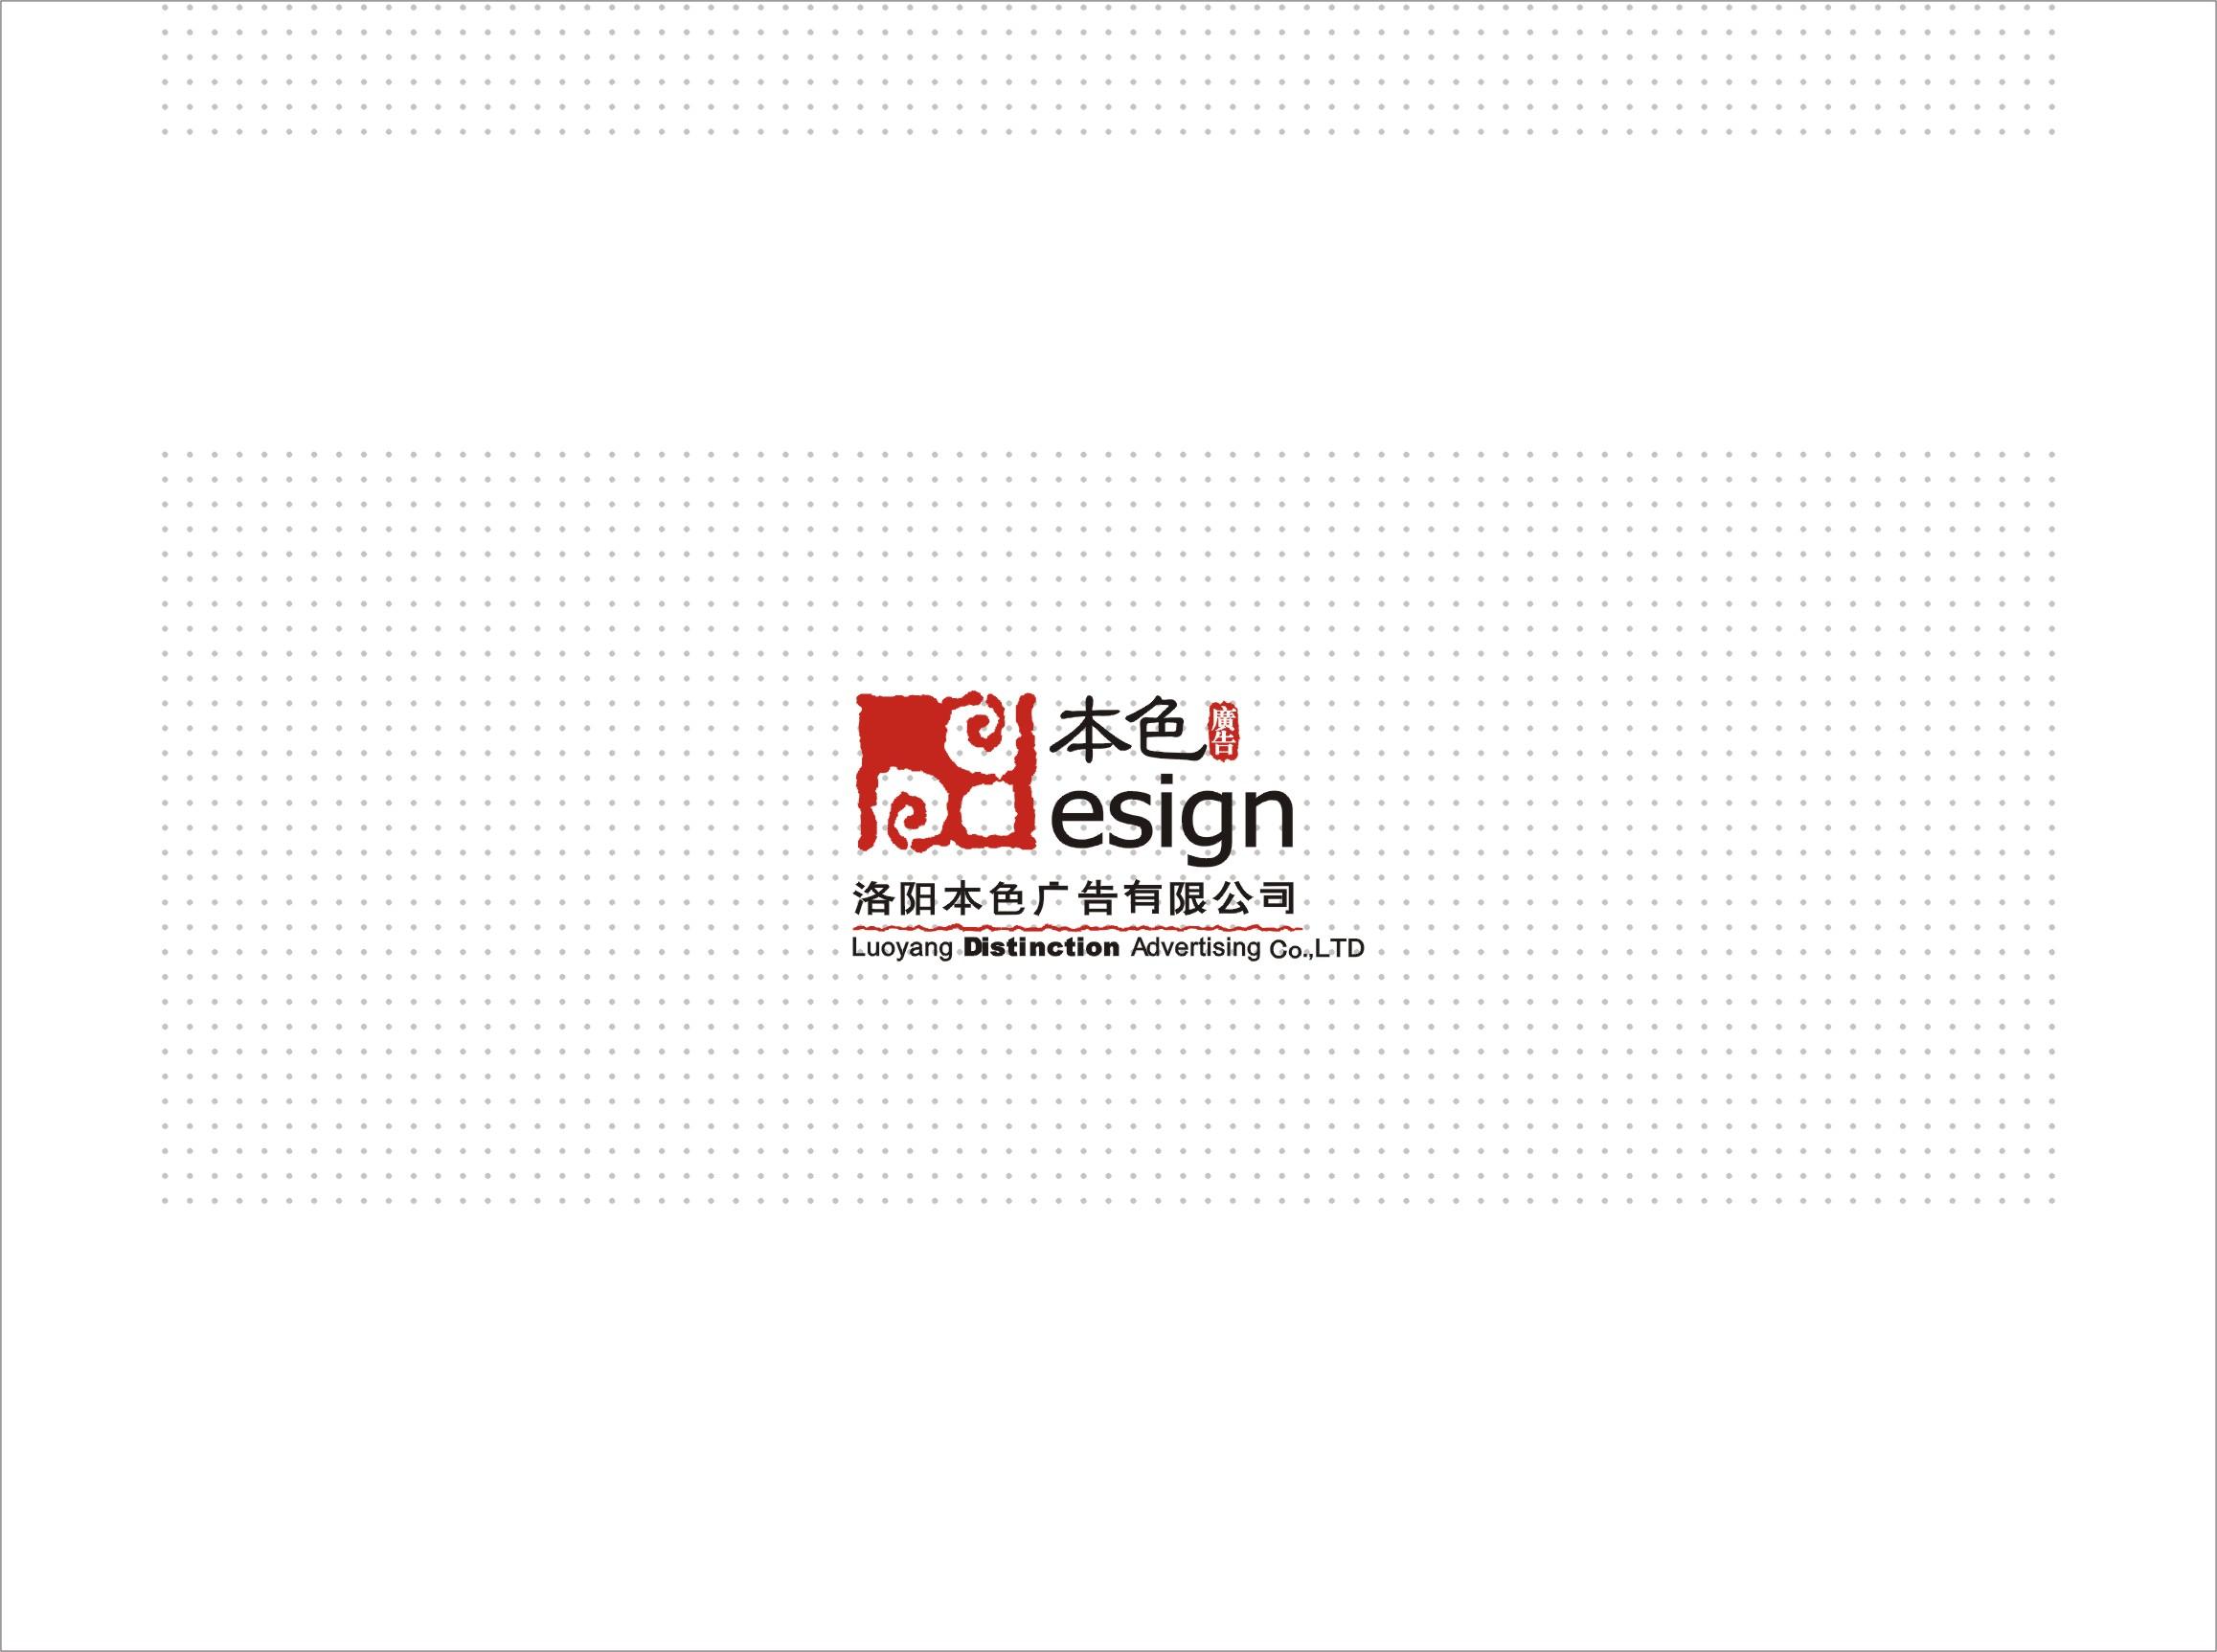 台中市建築經營協會,會員名冊,會員代表_插圖